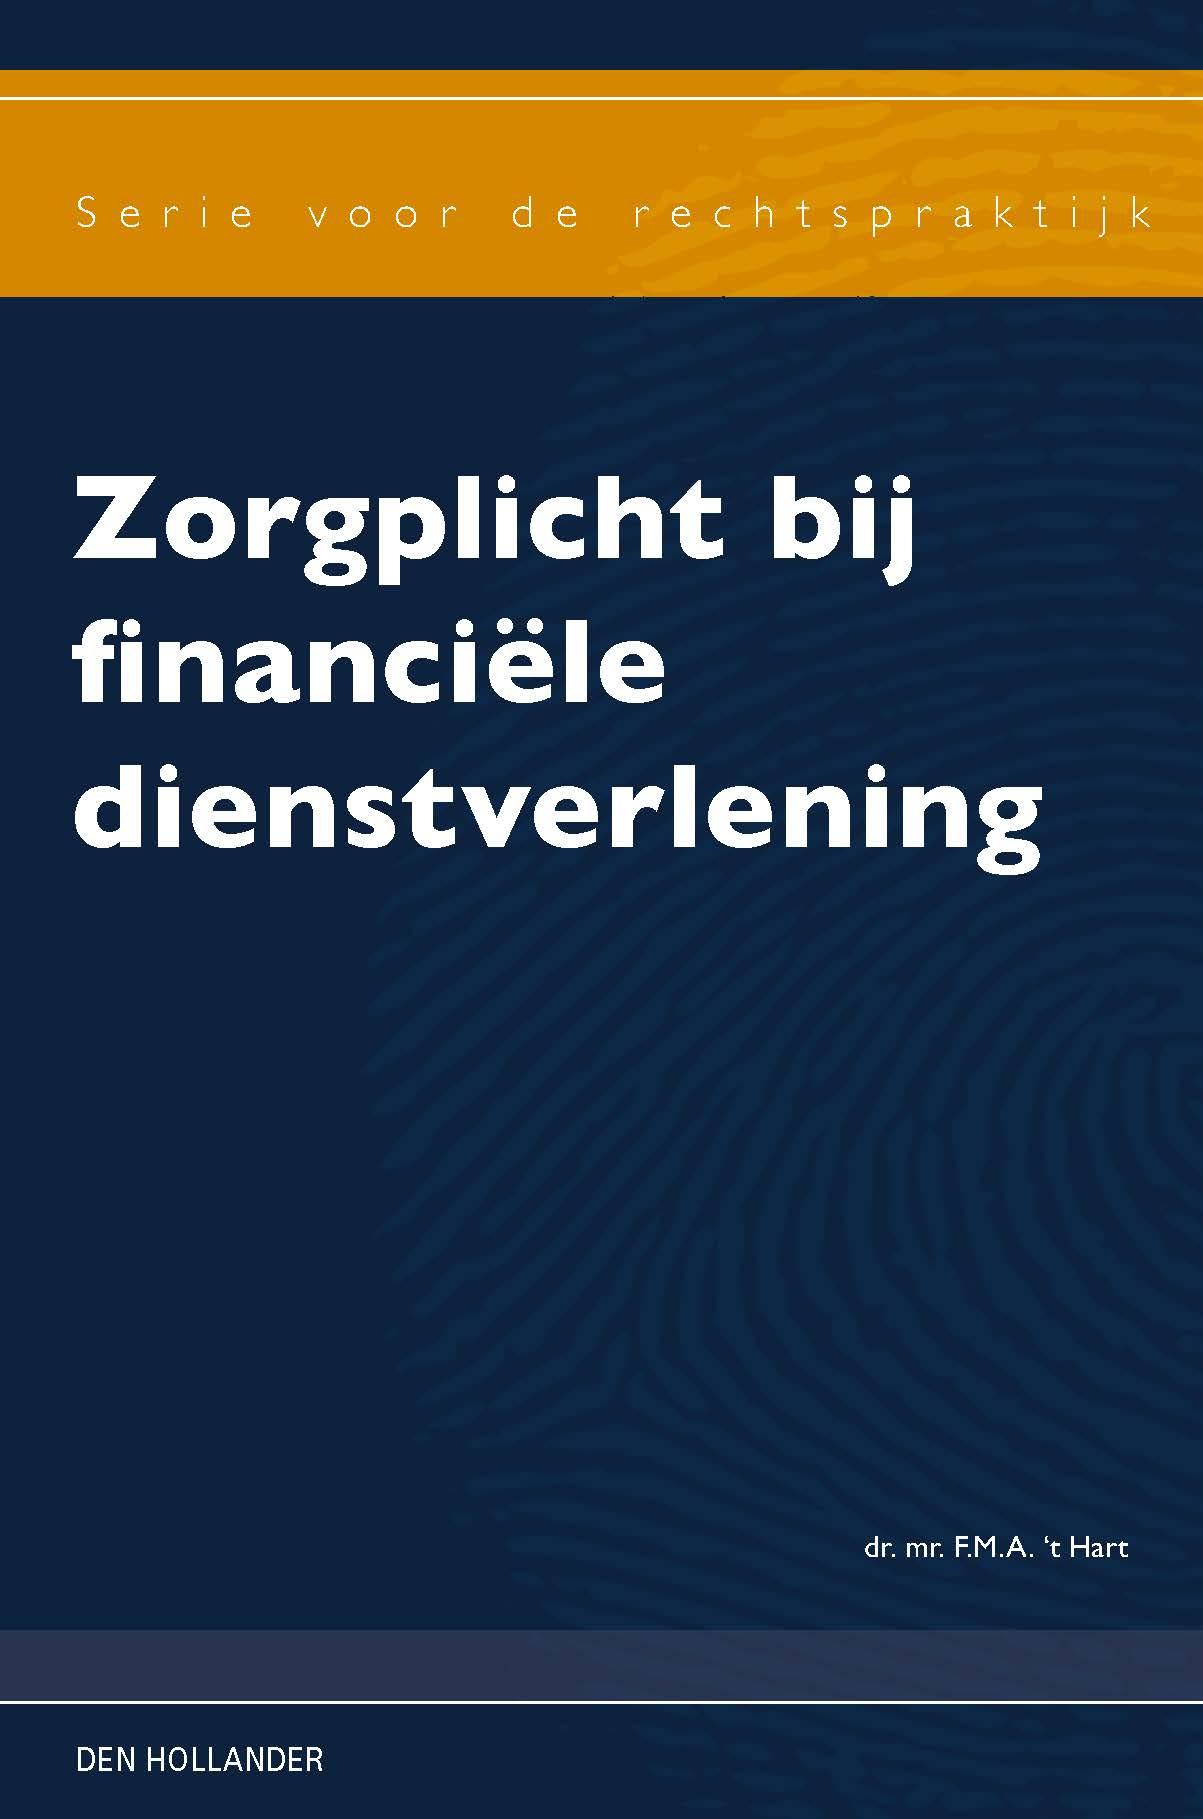 5eb5987cfed De poortwachtersfunctie van banken: jongleren met wettelijke normen ...